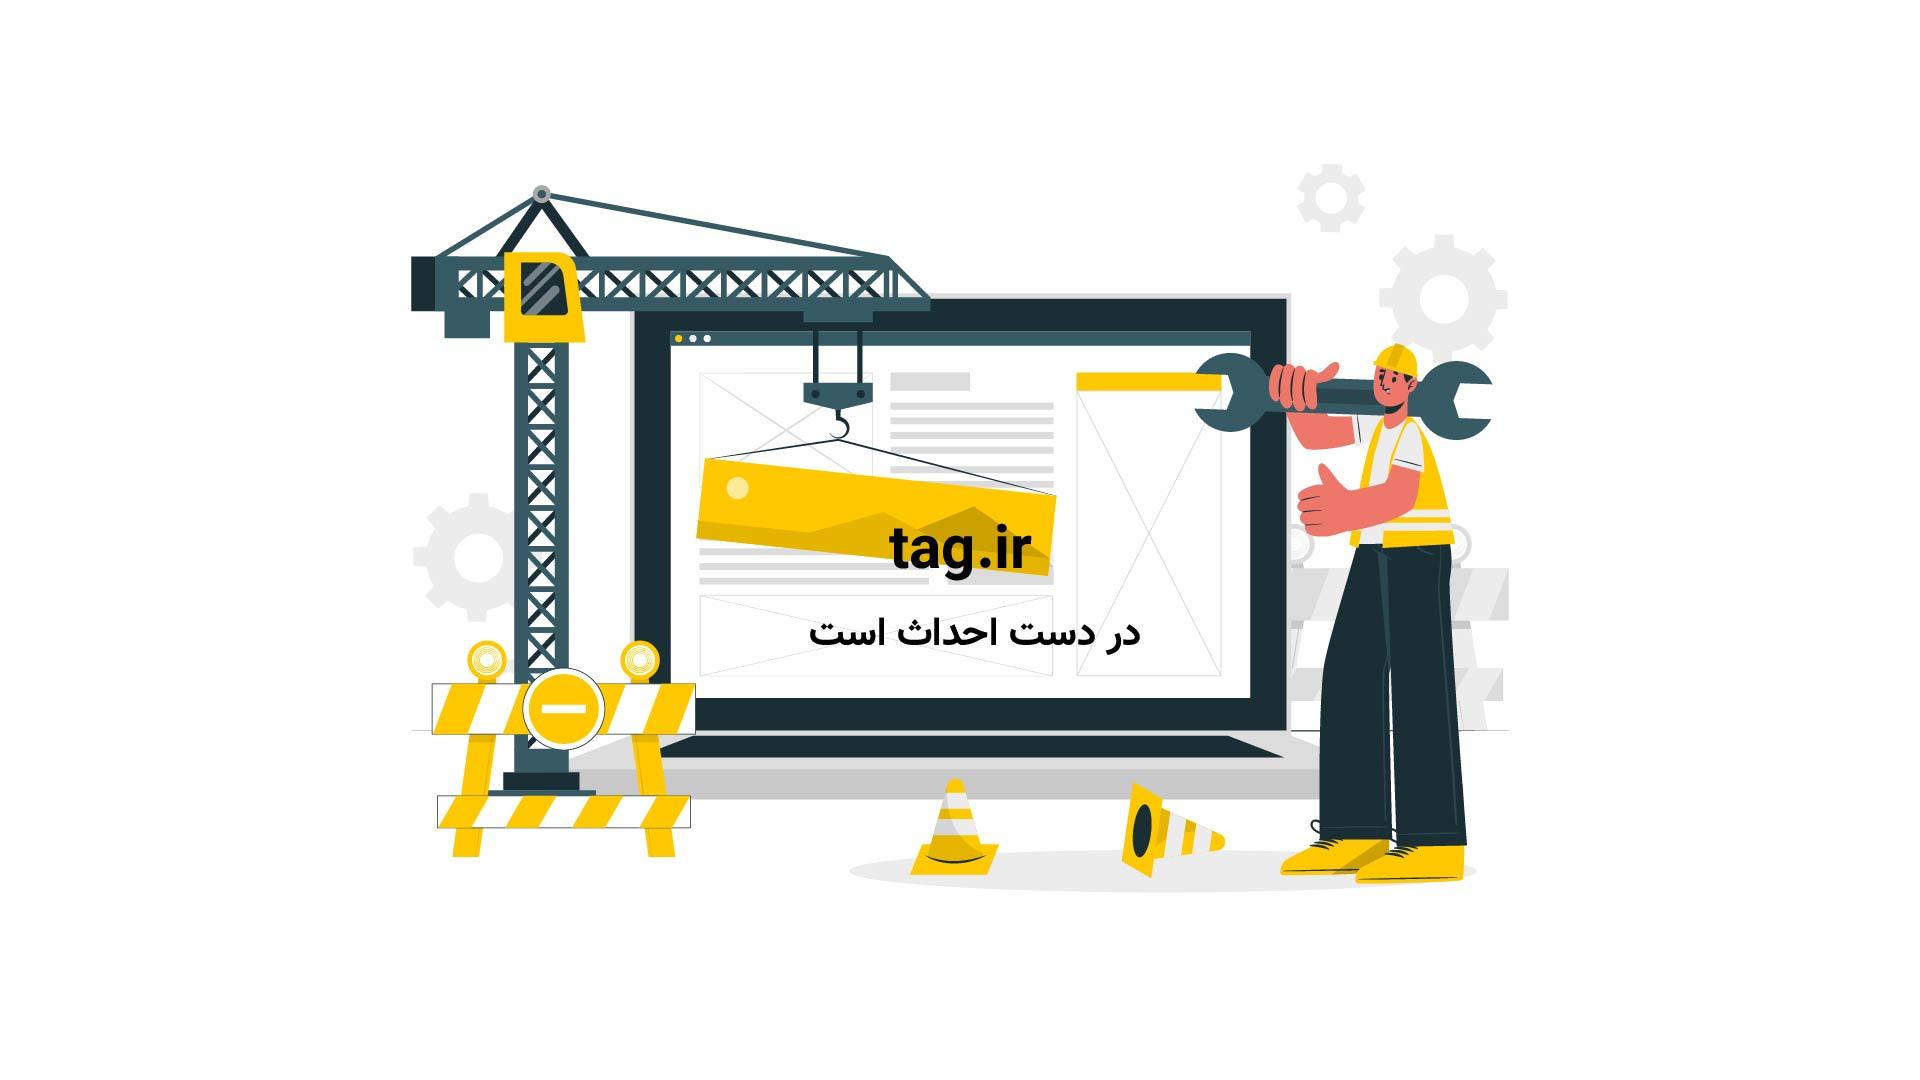 آموزش طعم دار کردن و پخت مرغ کامل بدون فر   فیلم